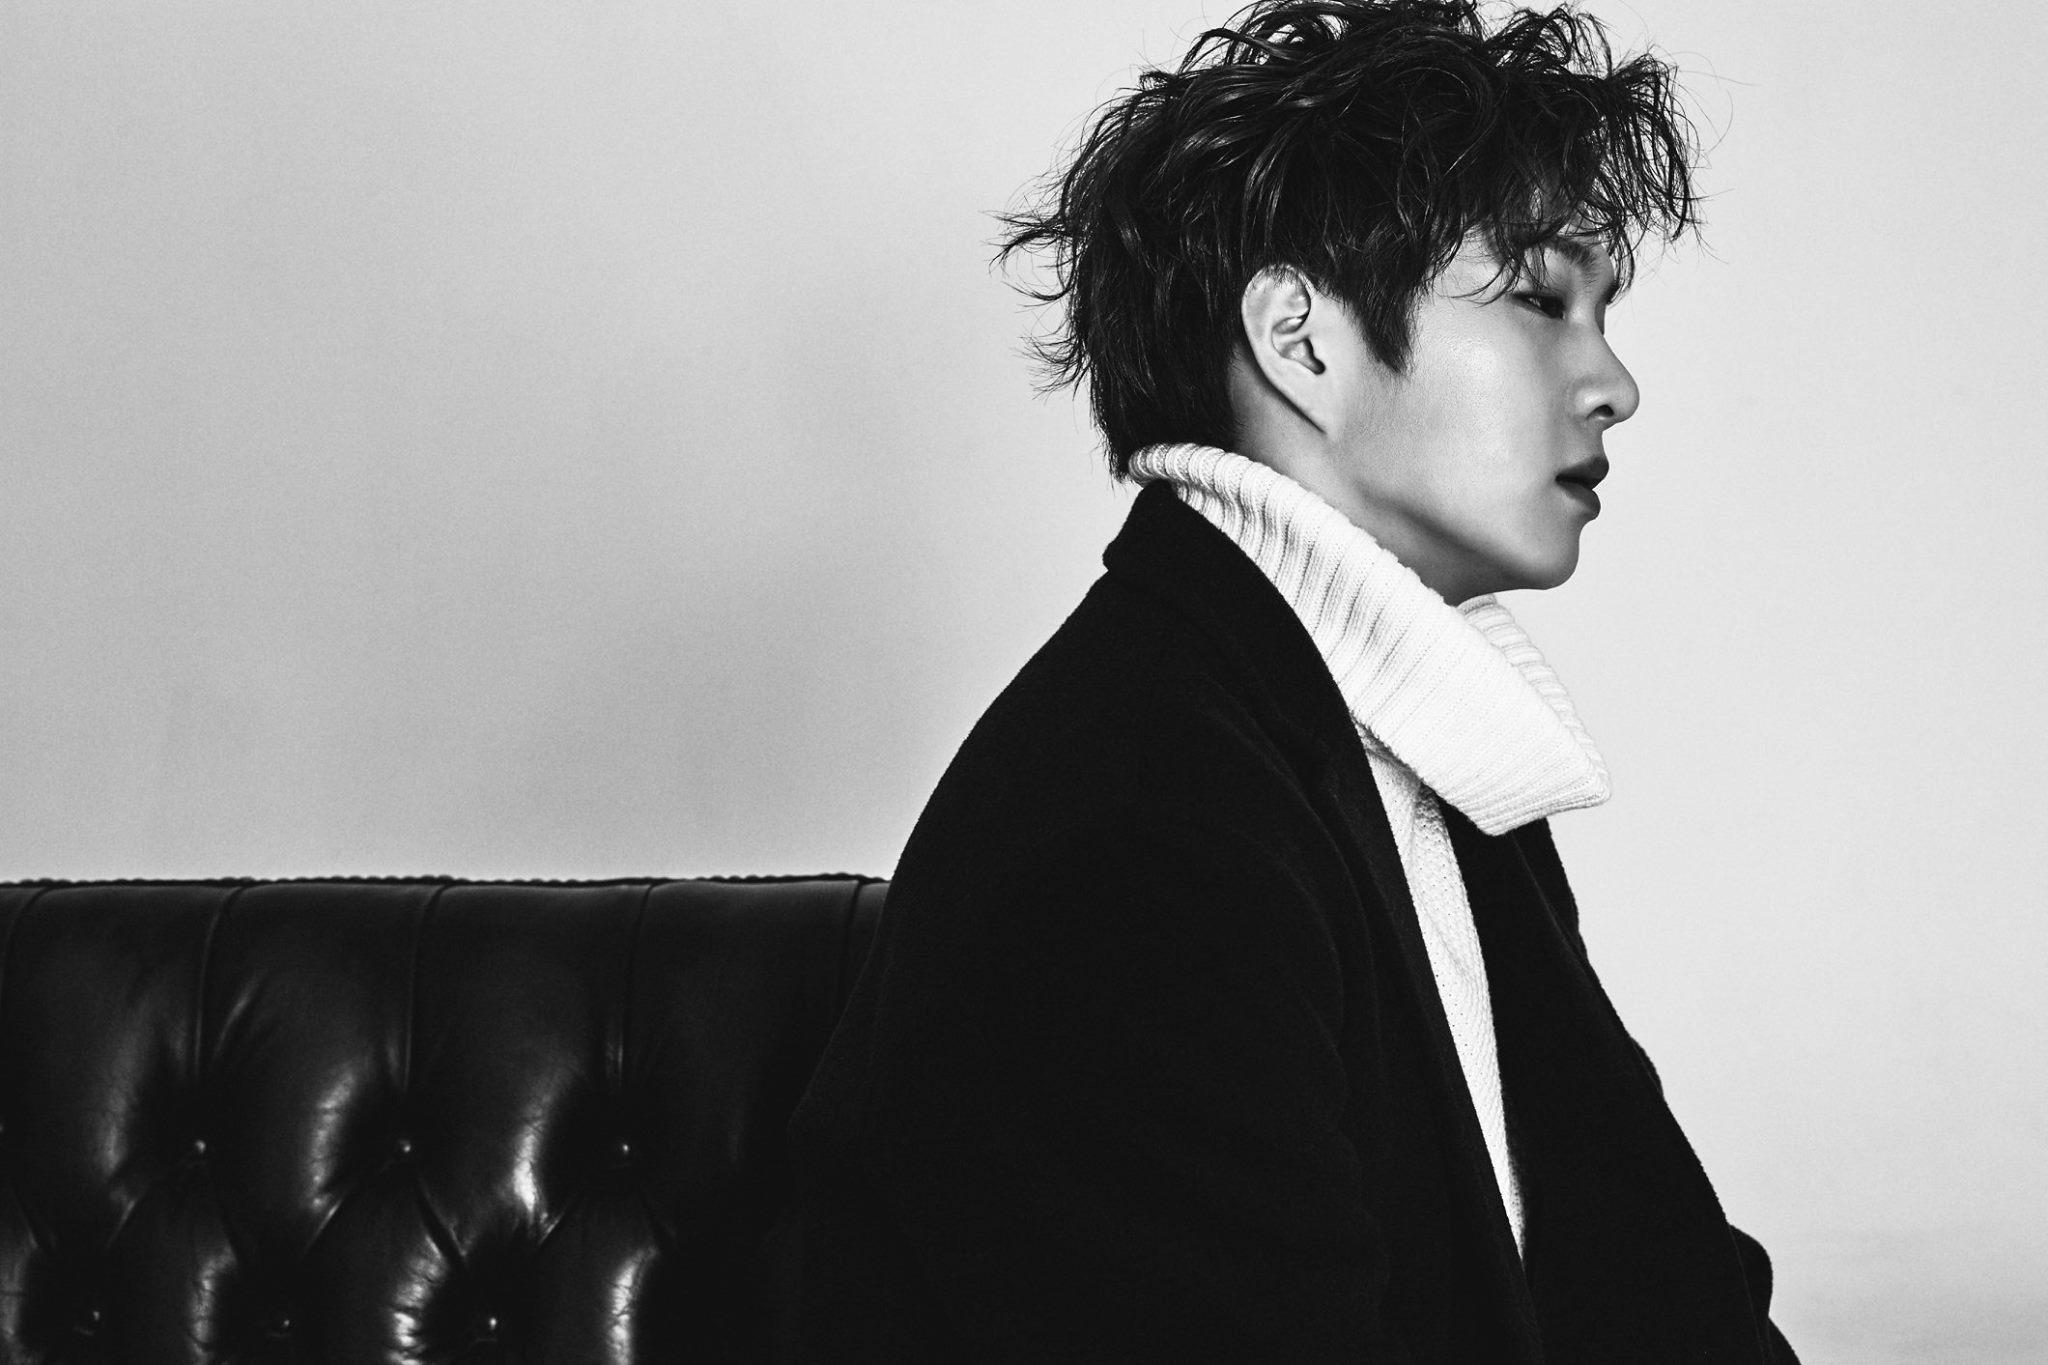 但也有其他韓國網友說昌燮的歌聲也很棒啊!!大概搞笑的一面看太多反而聽了更睡不著?XD